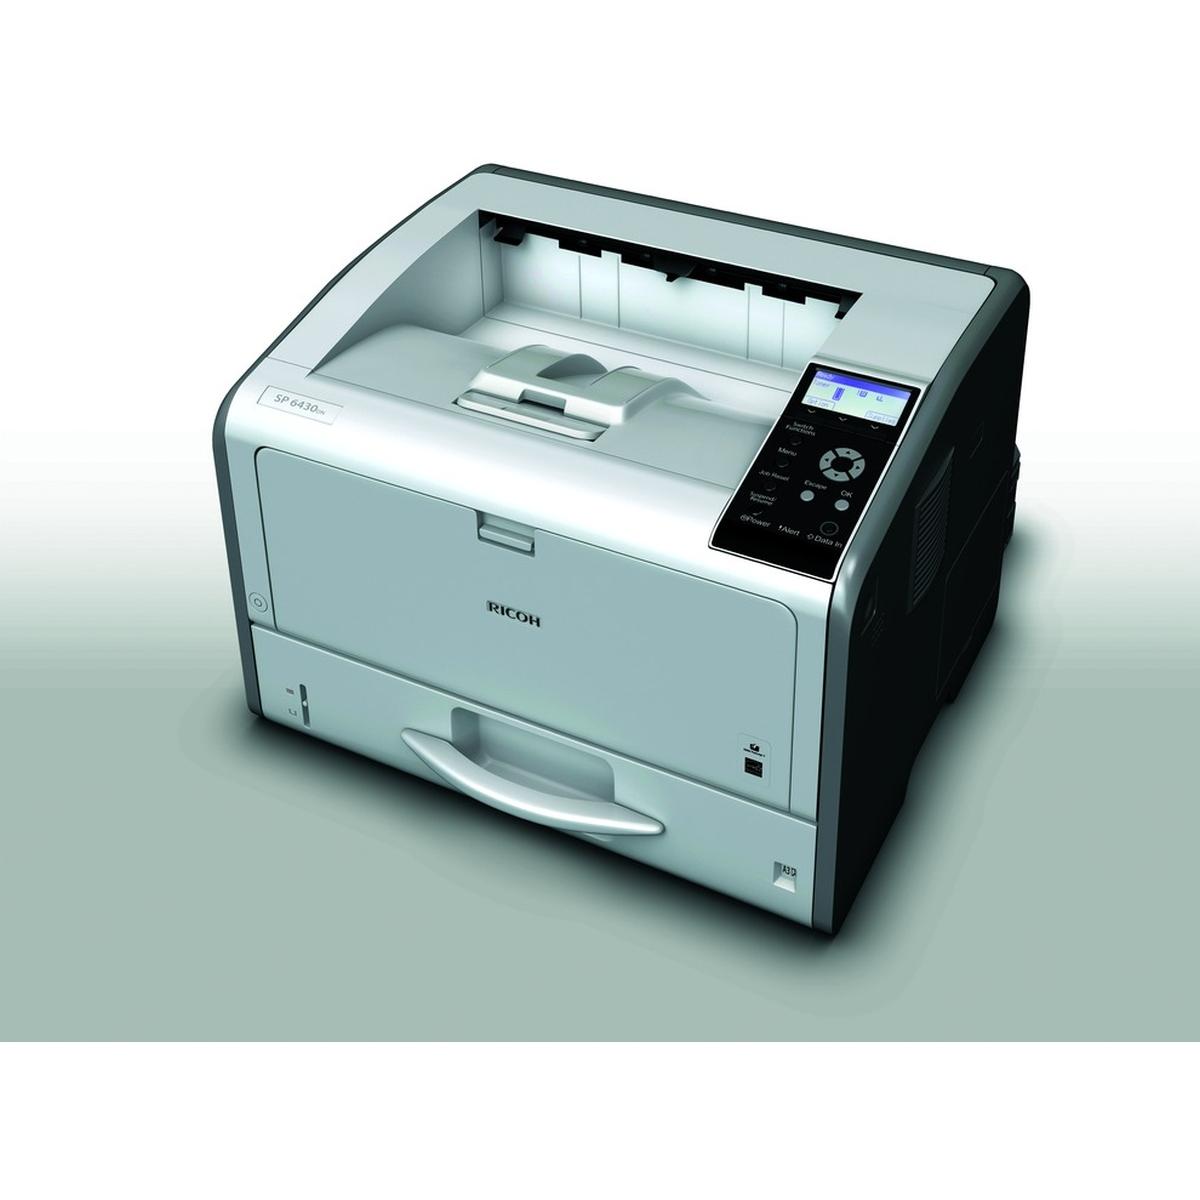 Ricoh SP 6430 DN A3-Drucker, 38 Seiten pro Minute | Online-Shop für ...